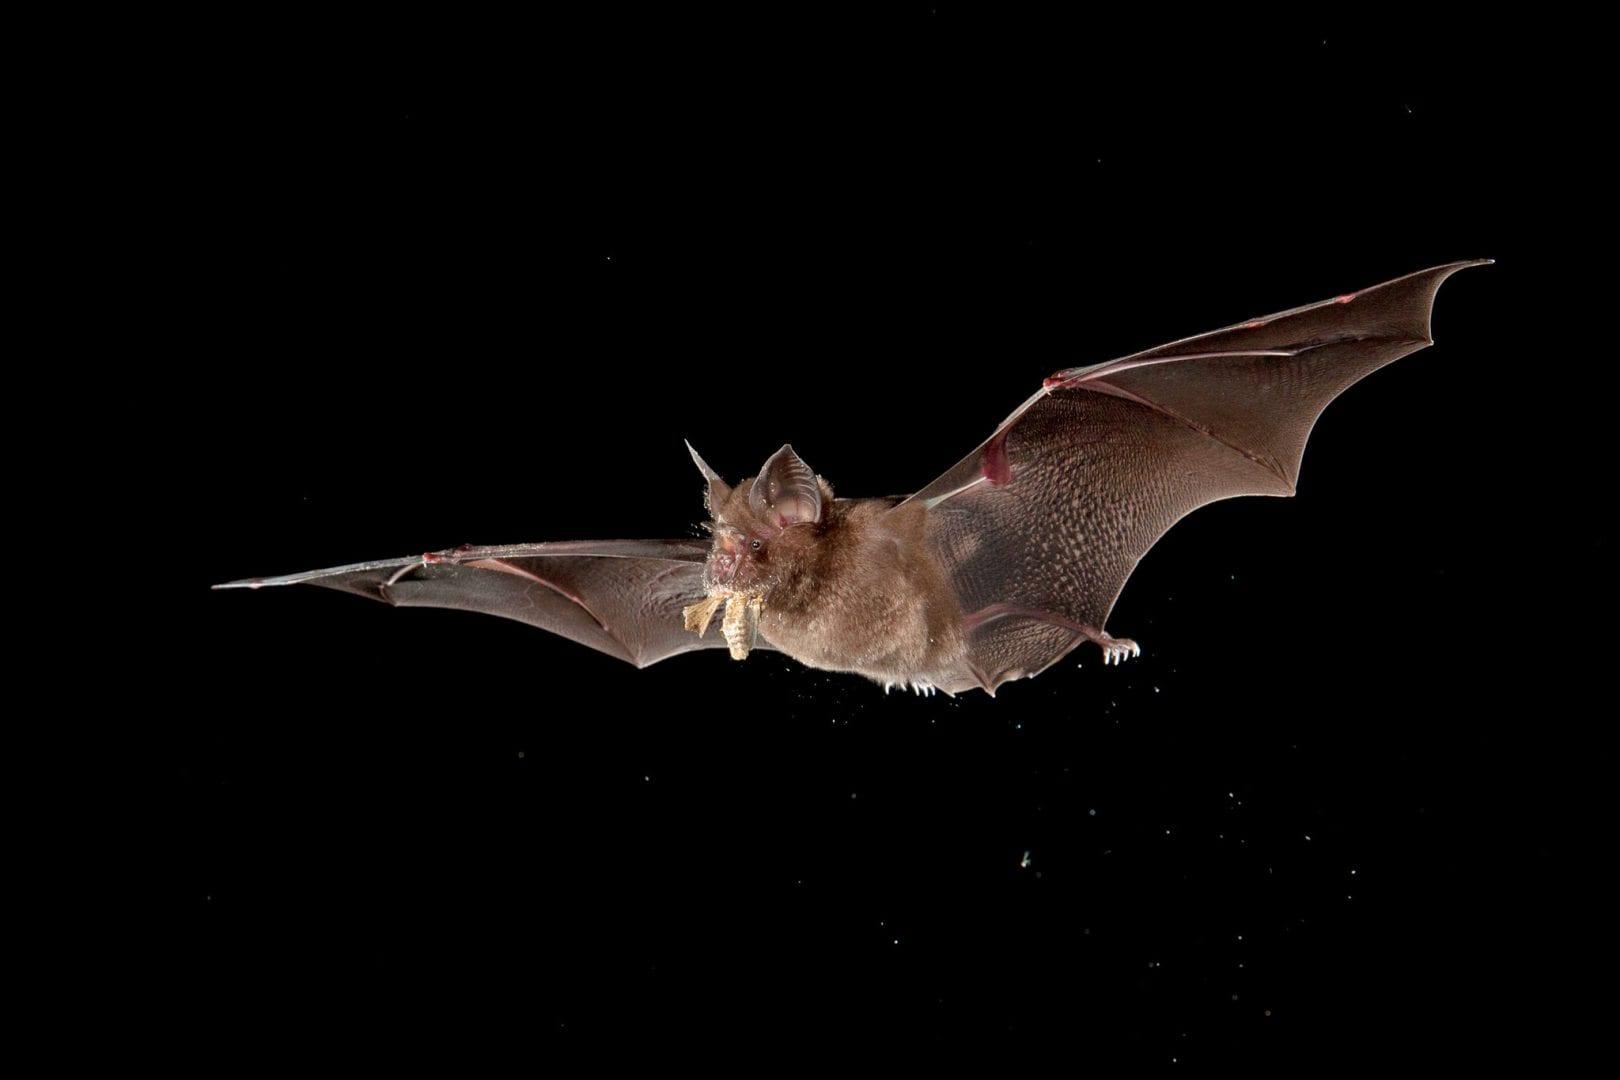 Morcego - Importância, hábitos, curiosidades e transmissão de doenças